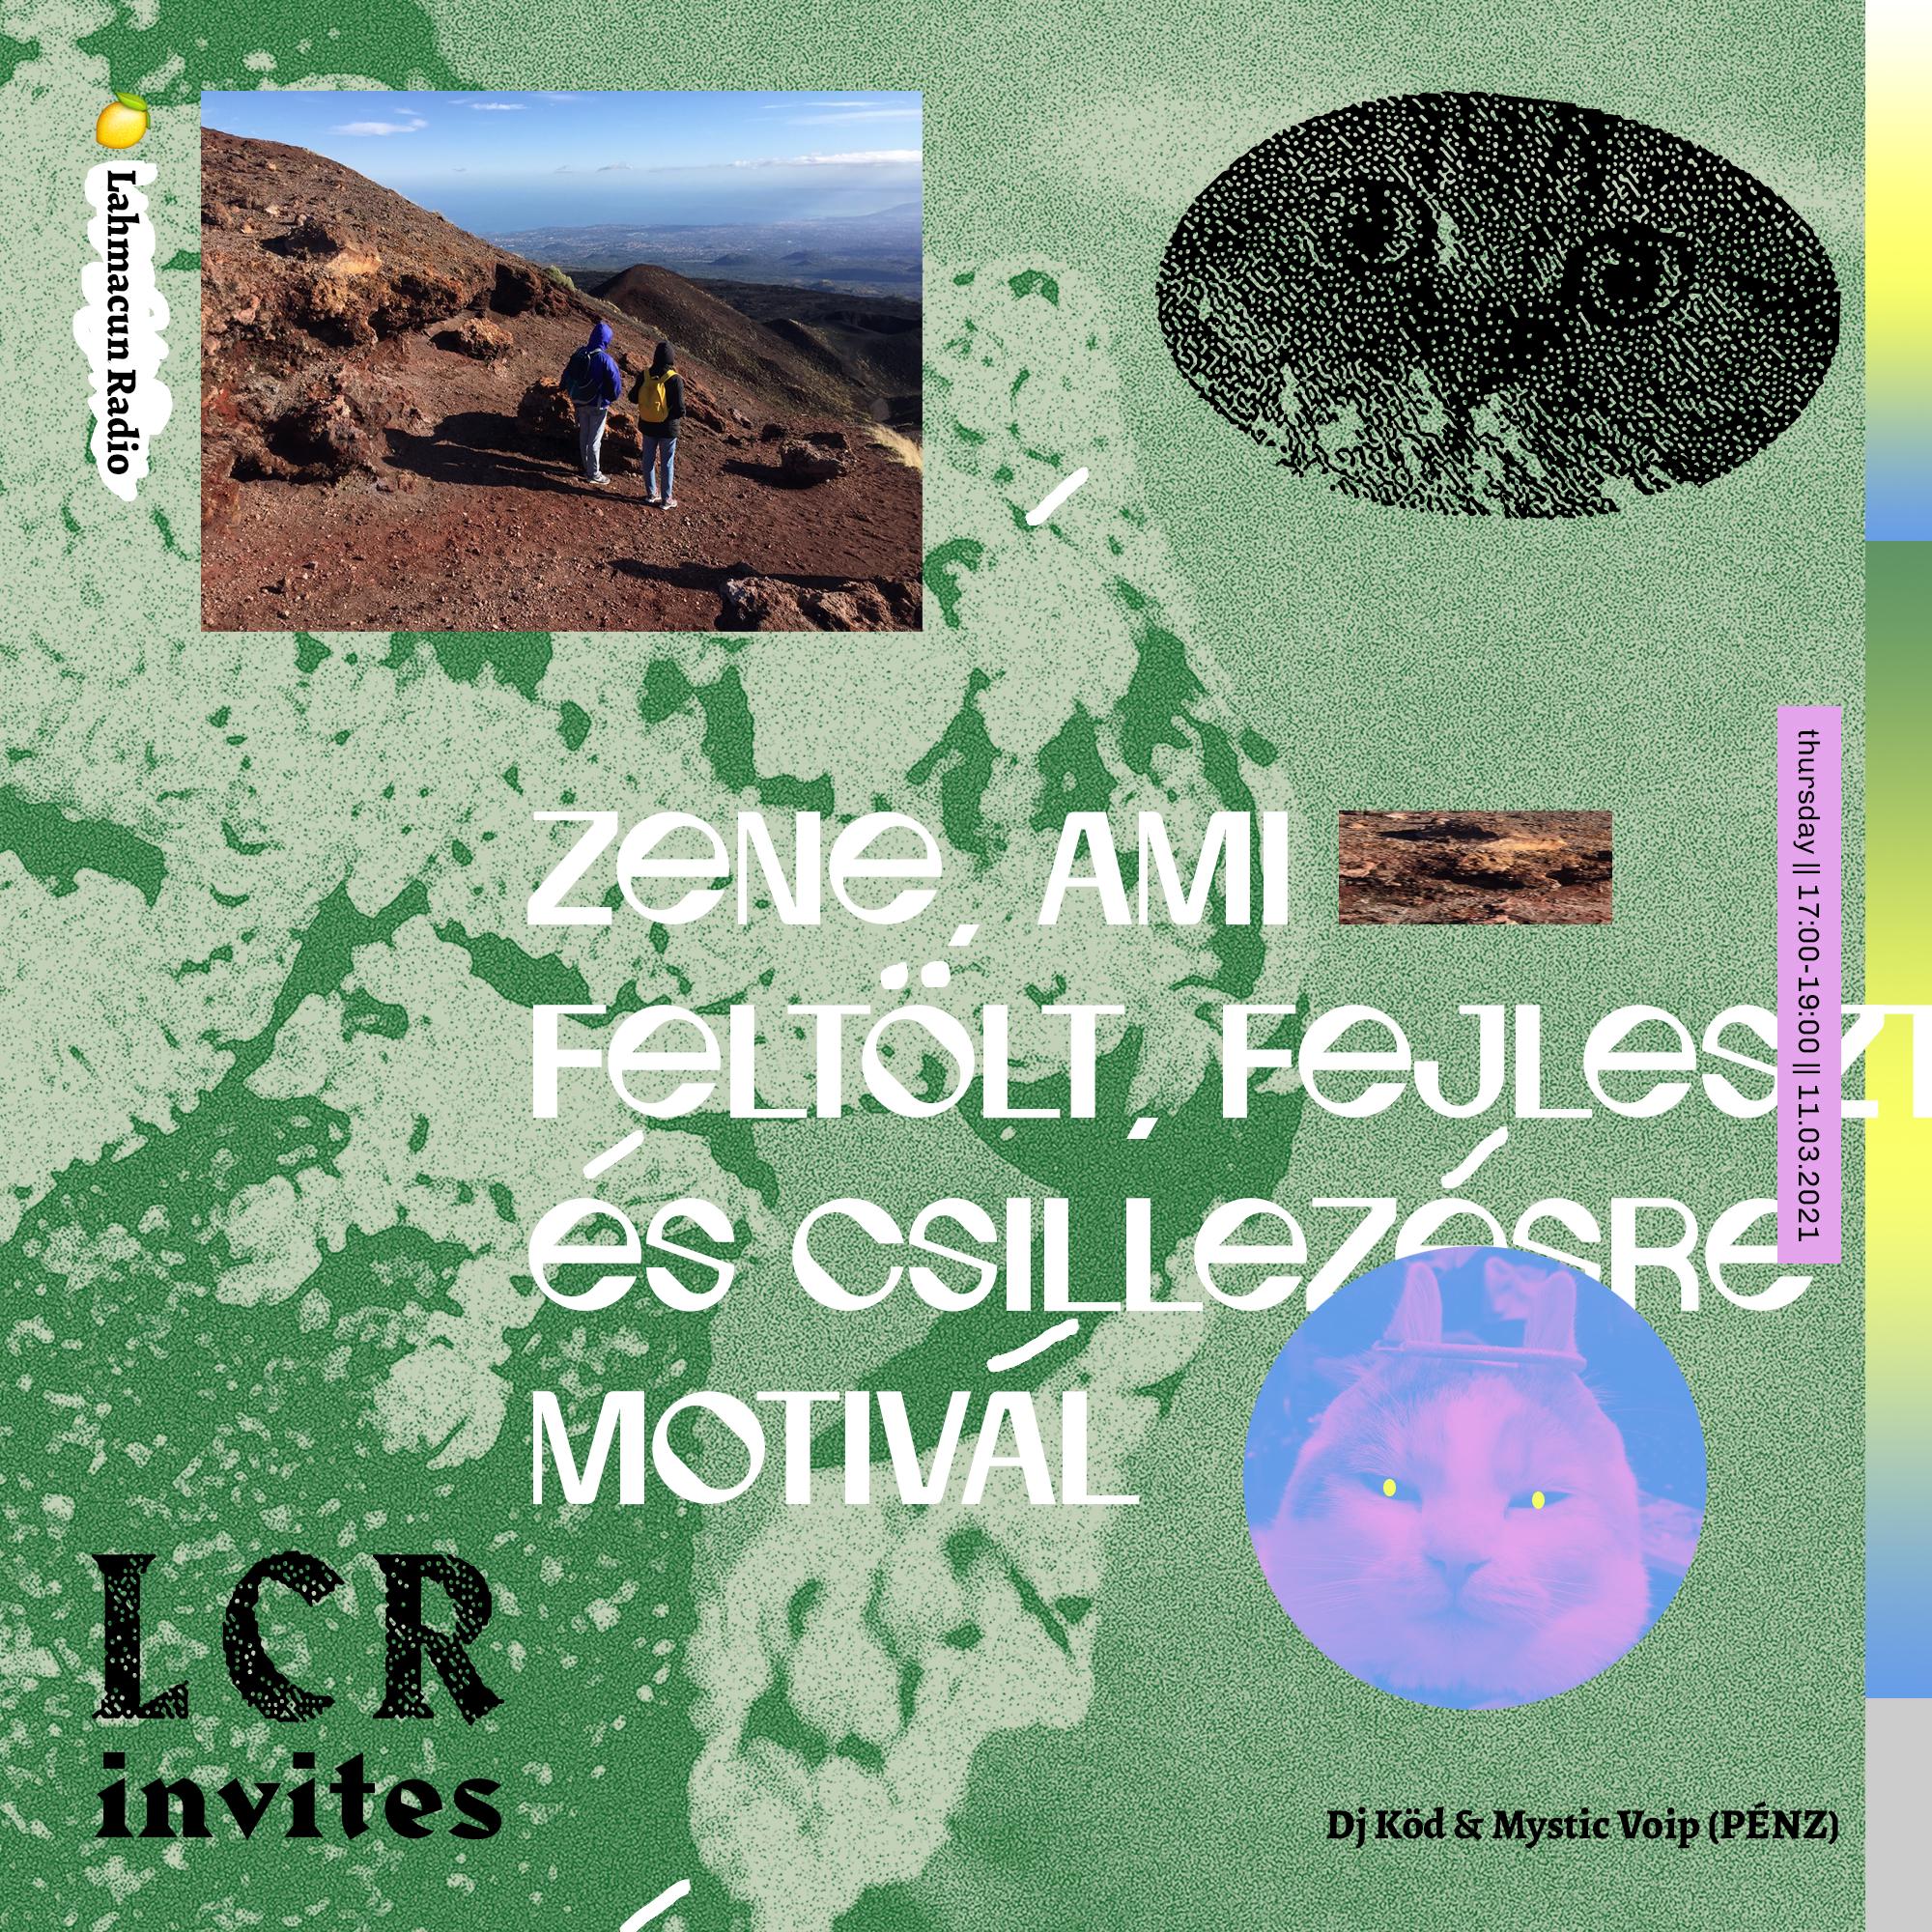 LCR INVITES — Dj Köd & Mystic Voip — Zene, ami feltölt, fejleszt és csillezésre motivál